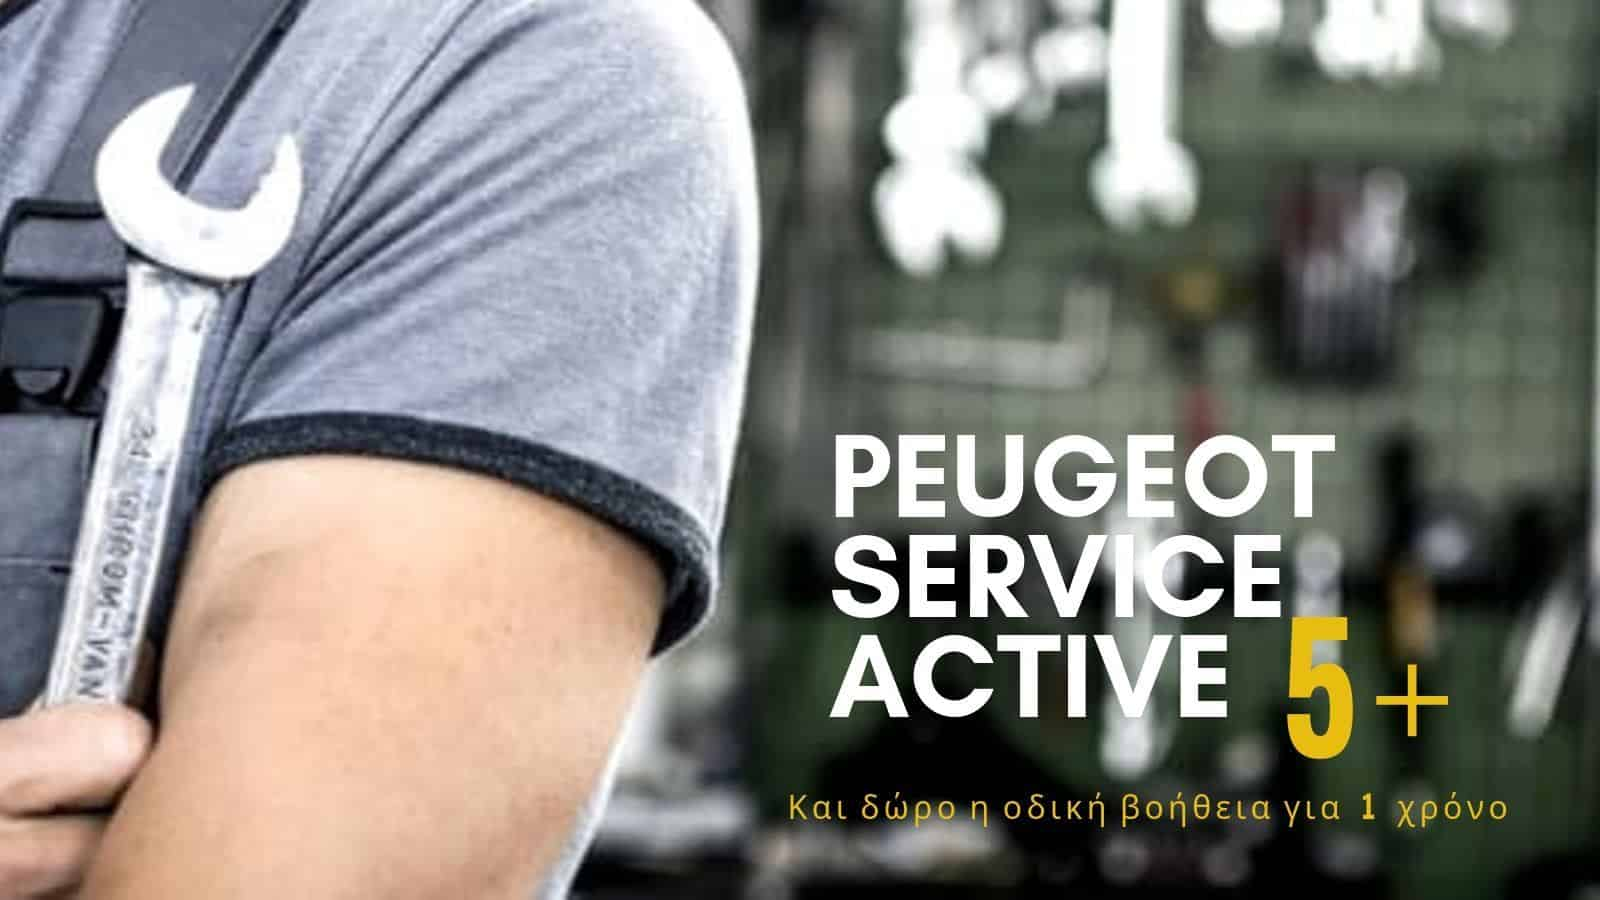 Peugeot-Active-Service